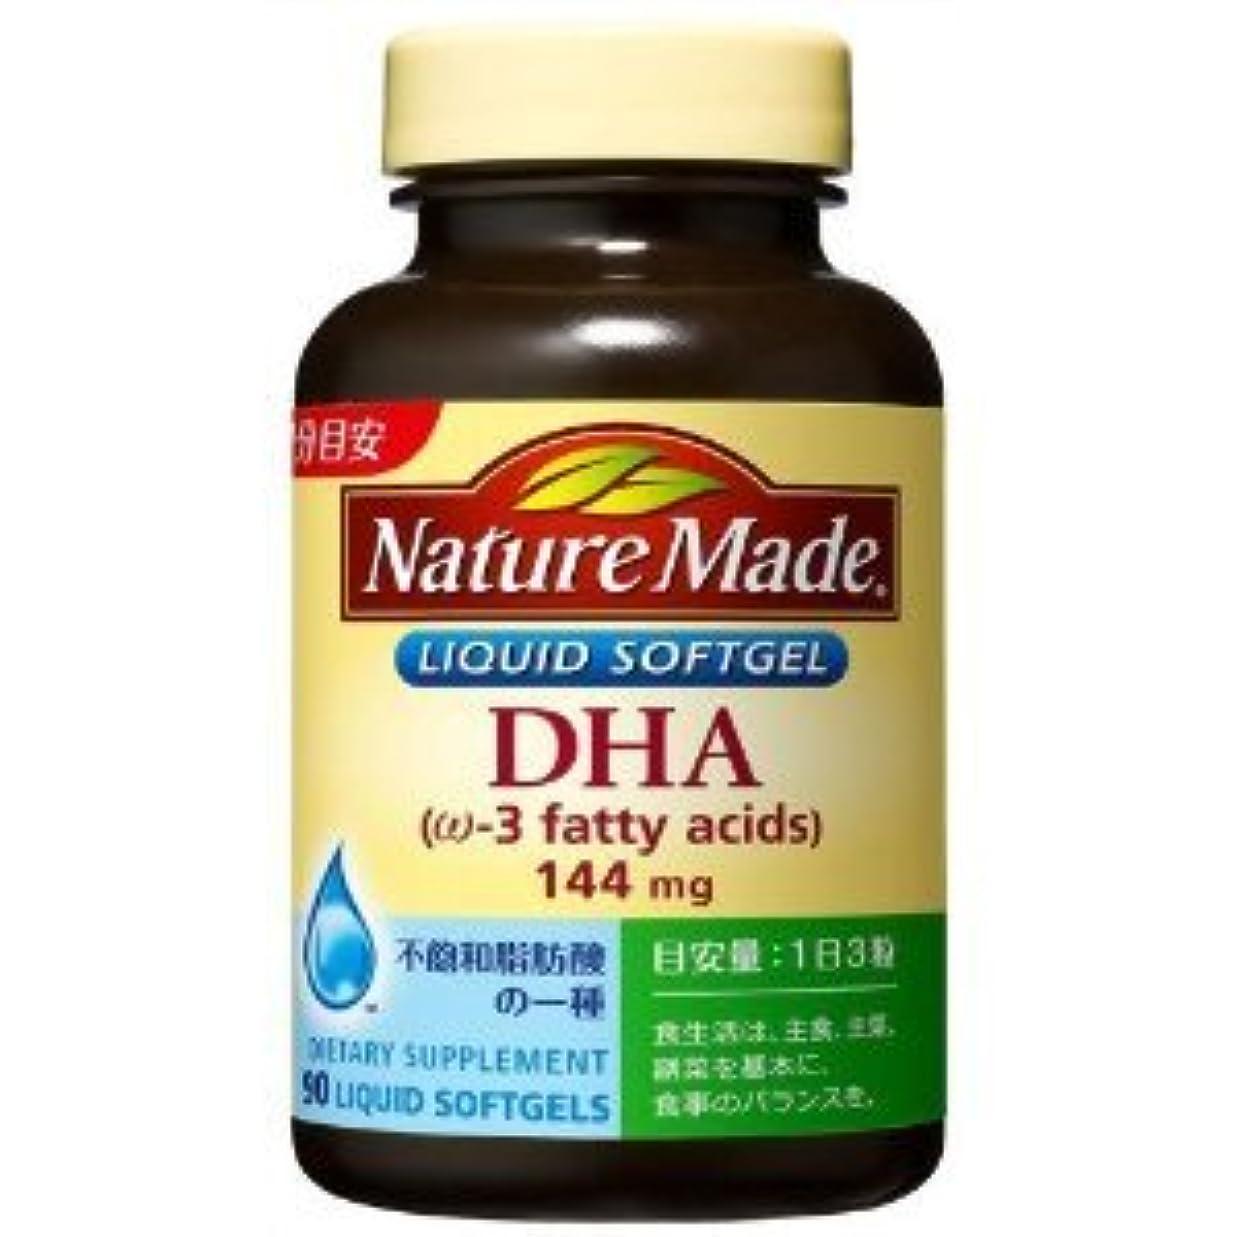 簡潔な奇妙な鈍い大塚製薬 ネイチャーメイドDHA90粒×2 2268